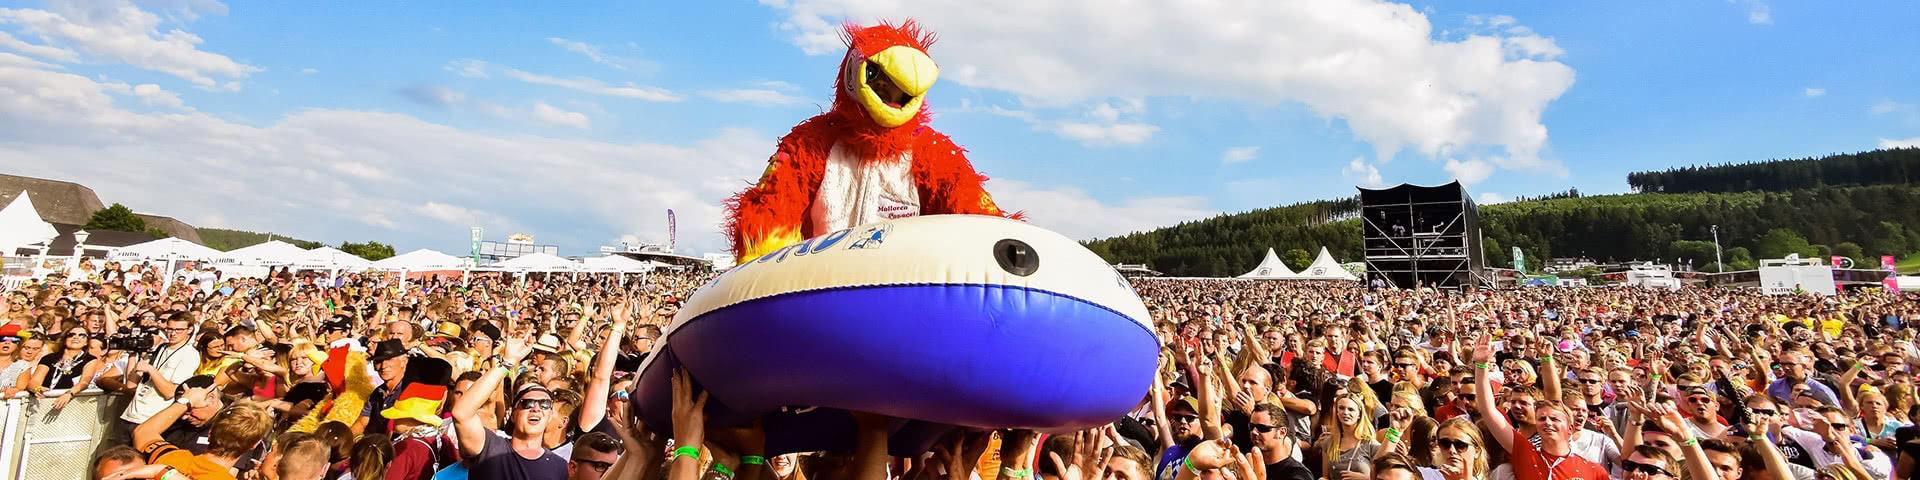 Stagediving mit einem Schlauchboot bei Viva Willingen